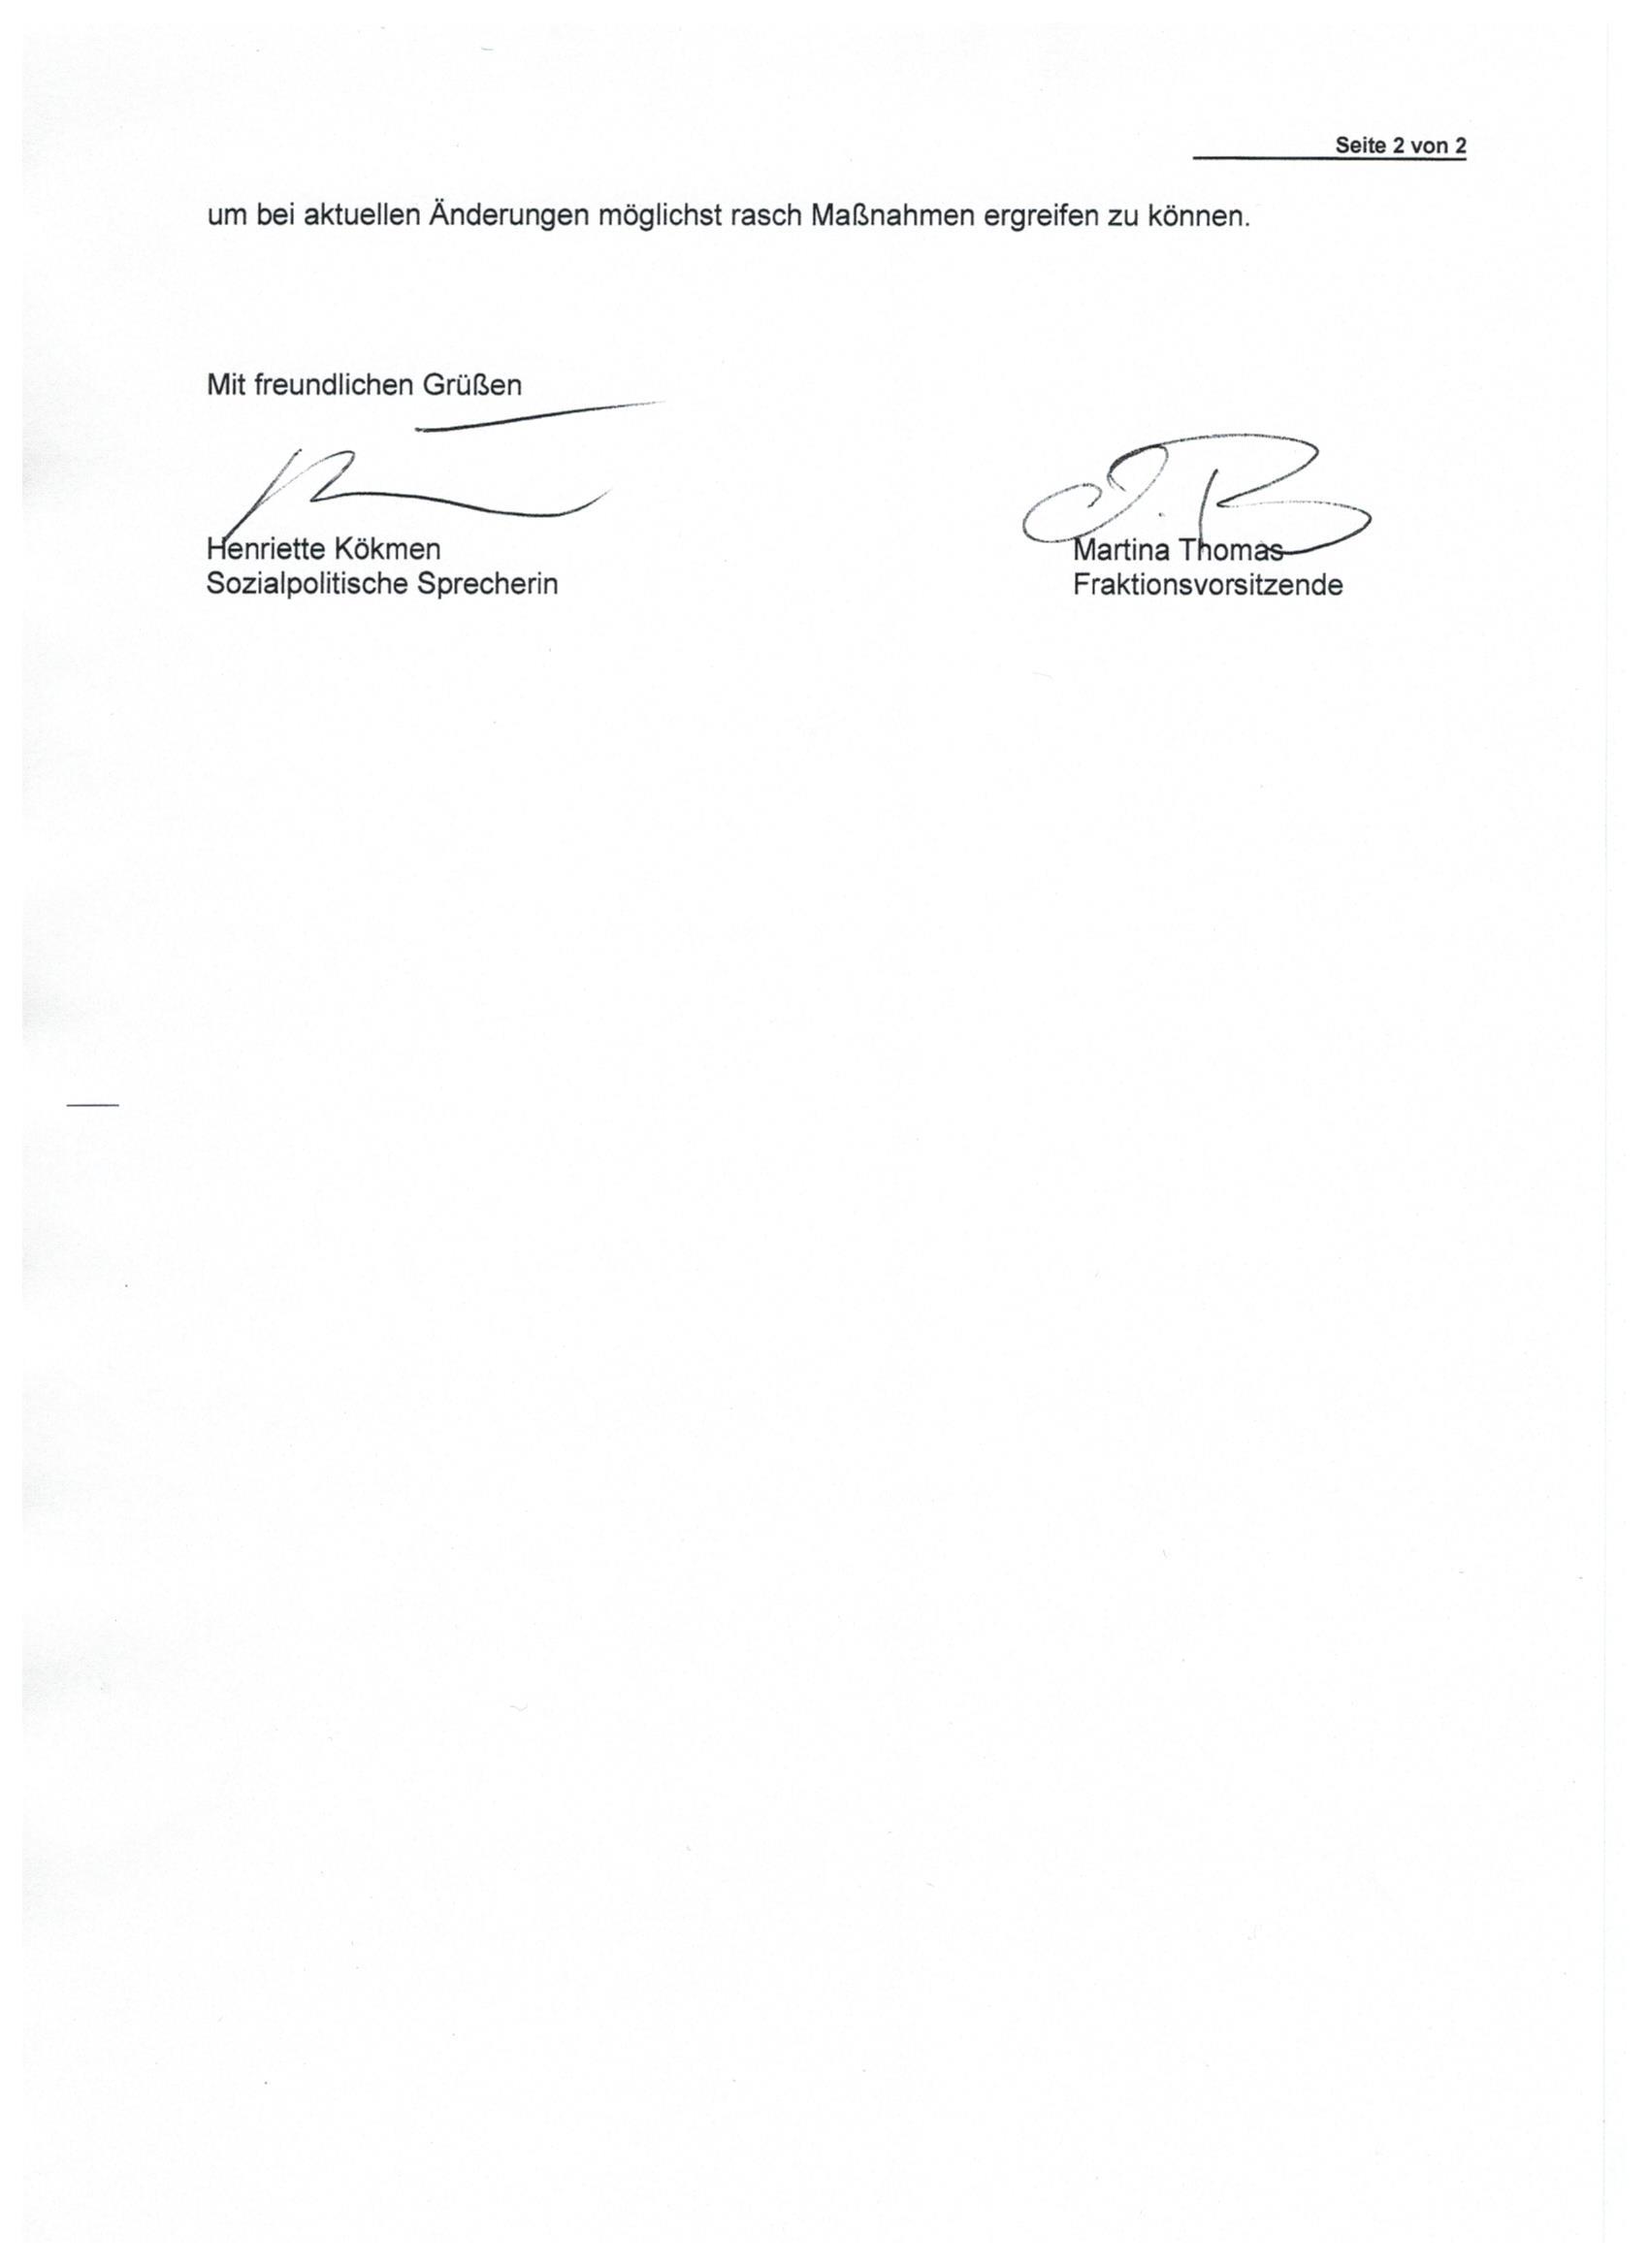 Großartig Zertifikat Der Amtsinhaber Vorlage Bilder - Entry Level ...